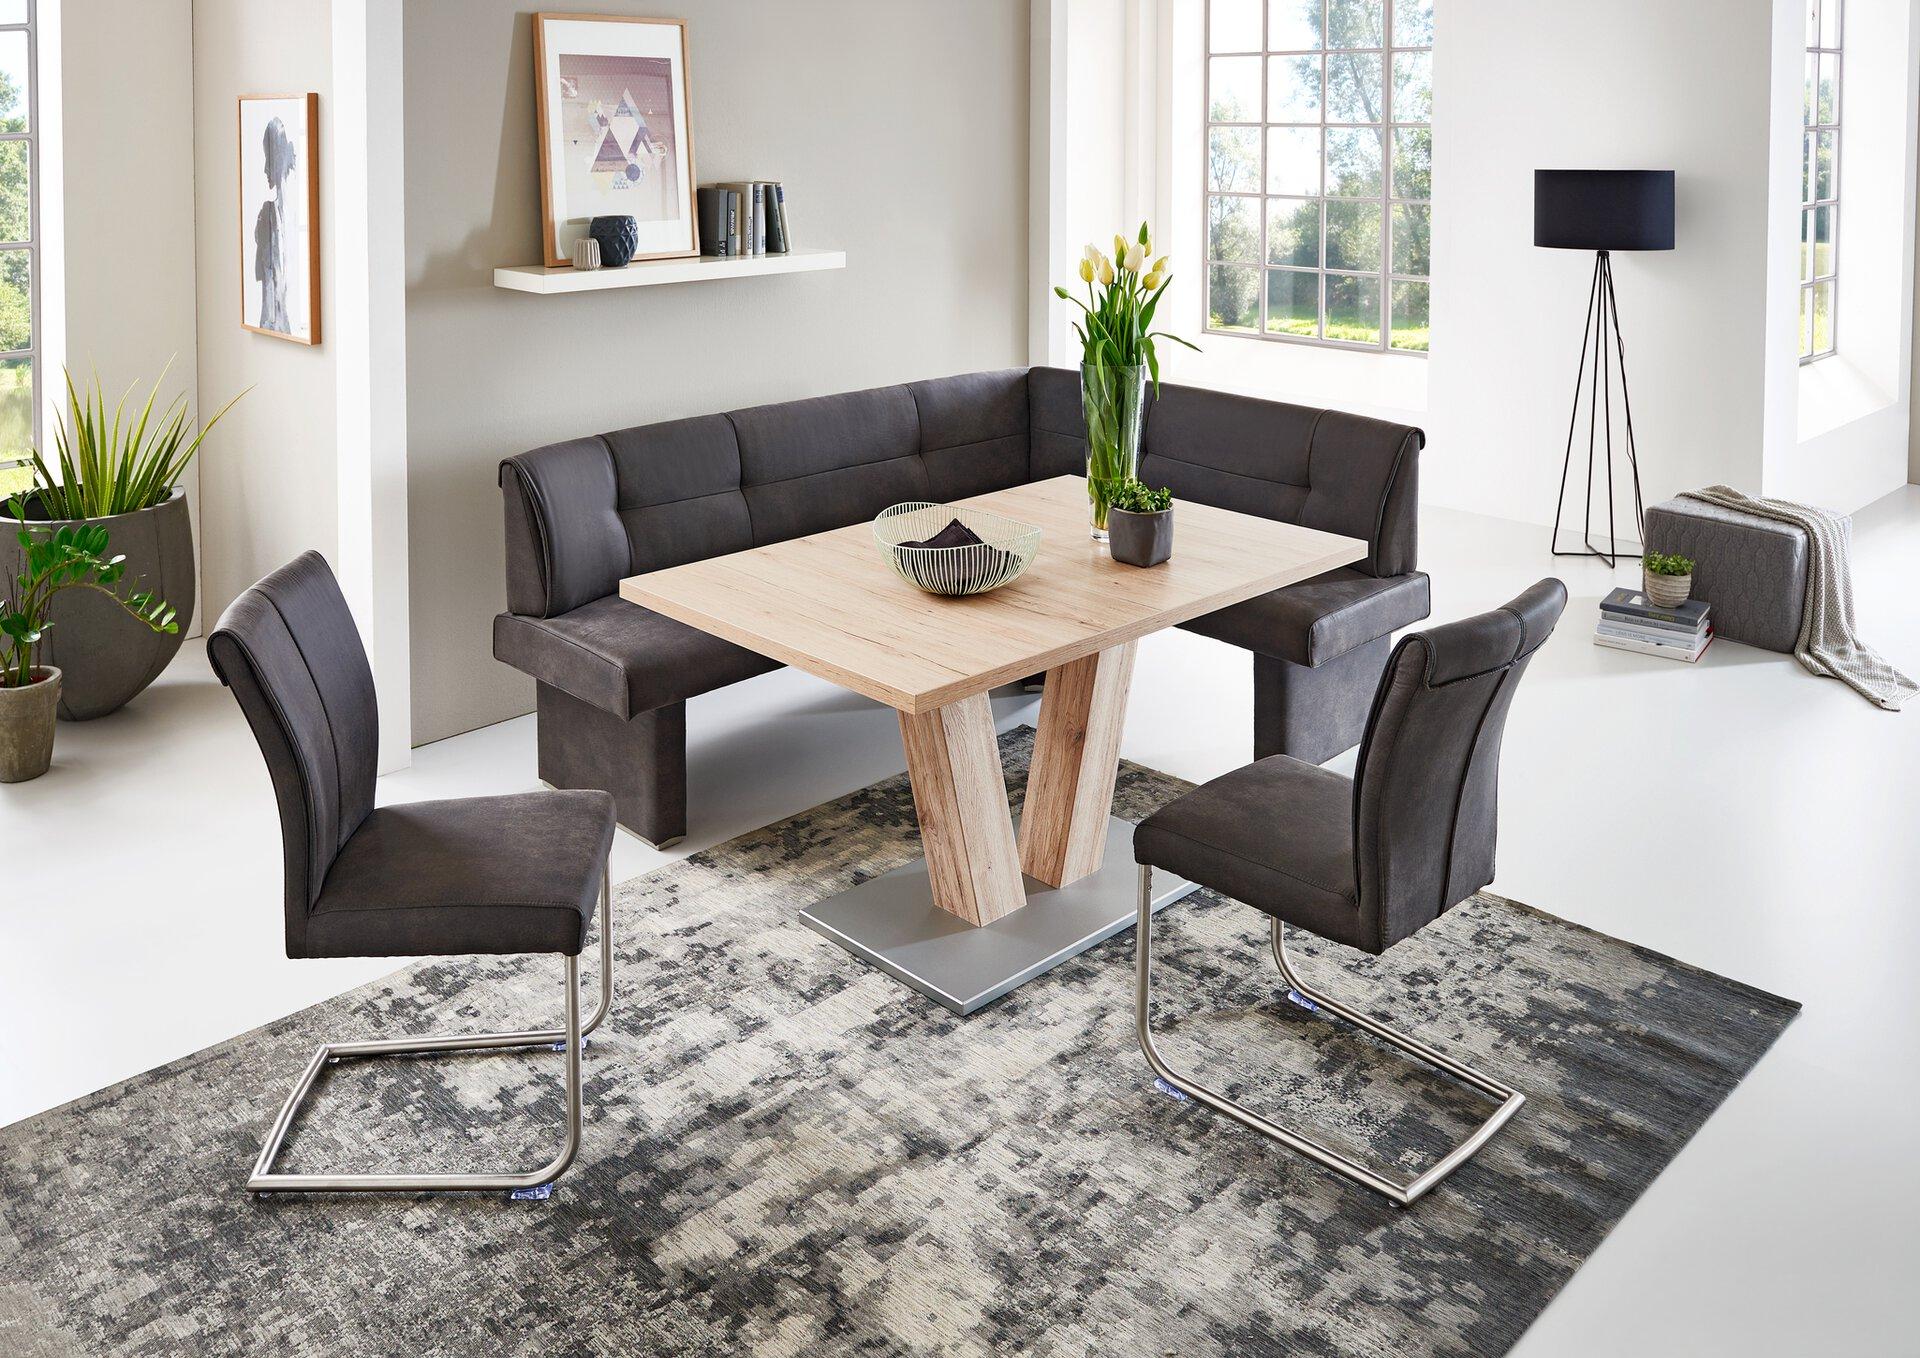 Eckbank LISA Niehoff Sitzmöbel Textil grau 2 x 2 cm